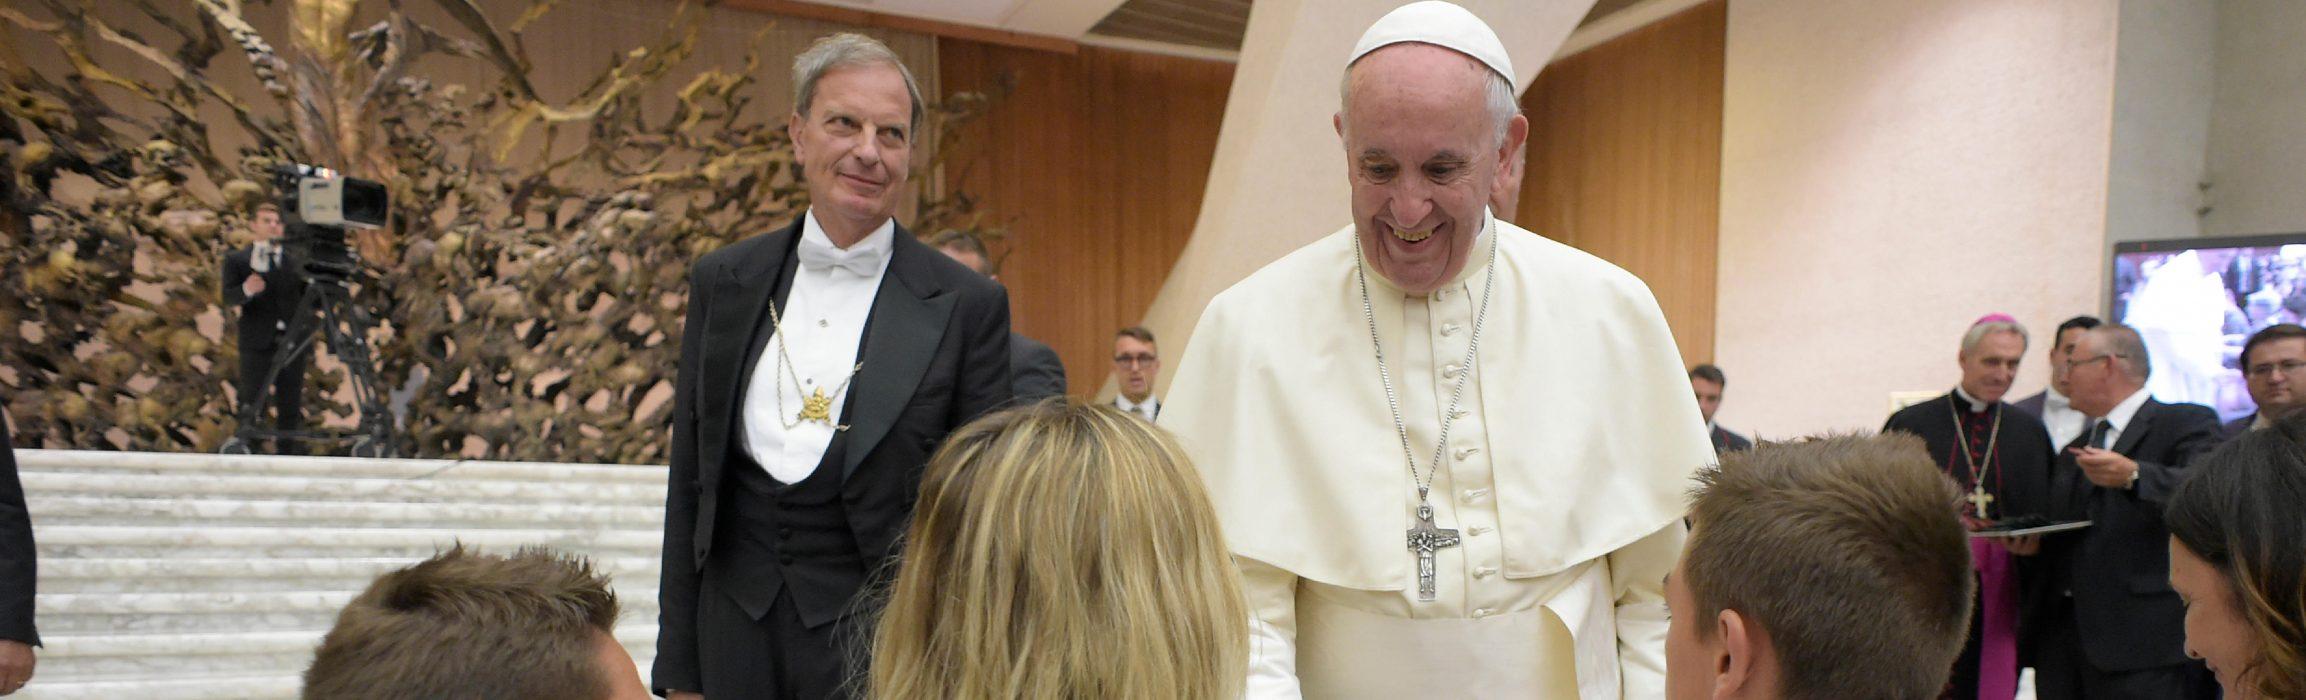 News Briefs September 16 2018 Todays Catholic